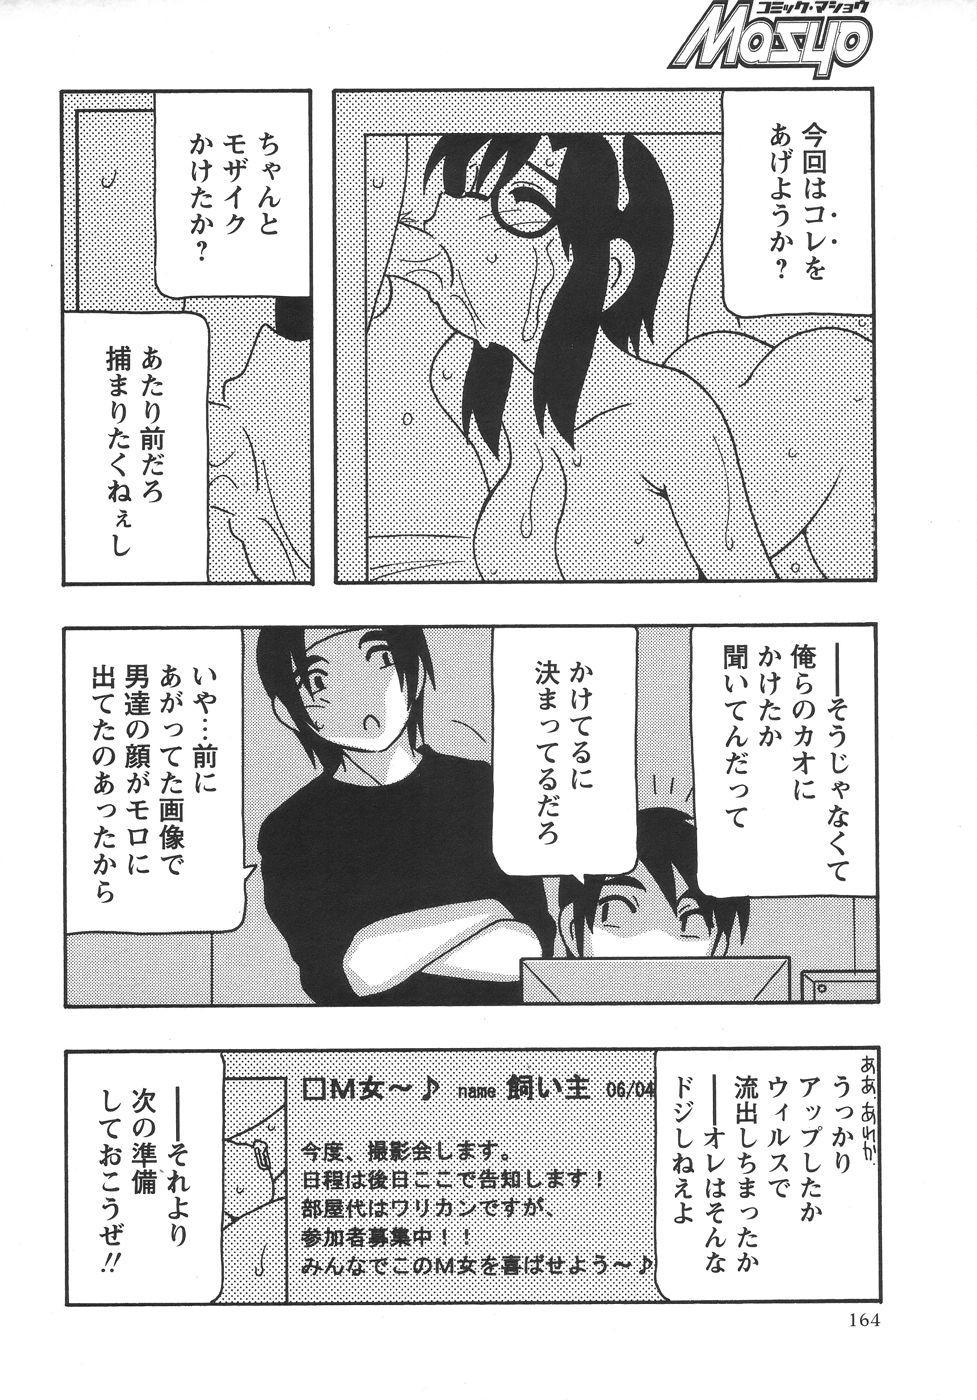 Comic Masyo 2006-06 163